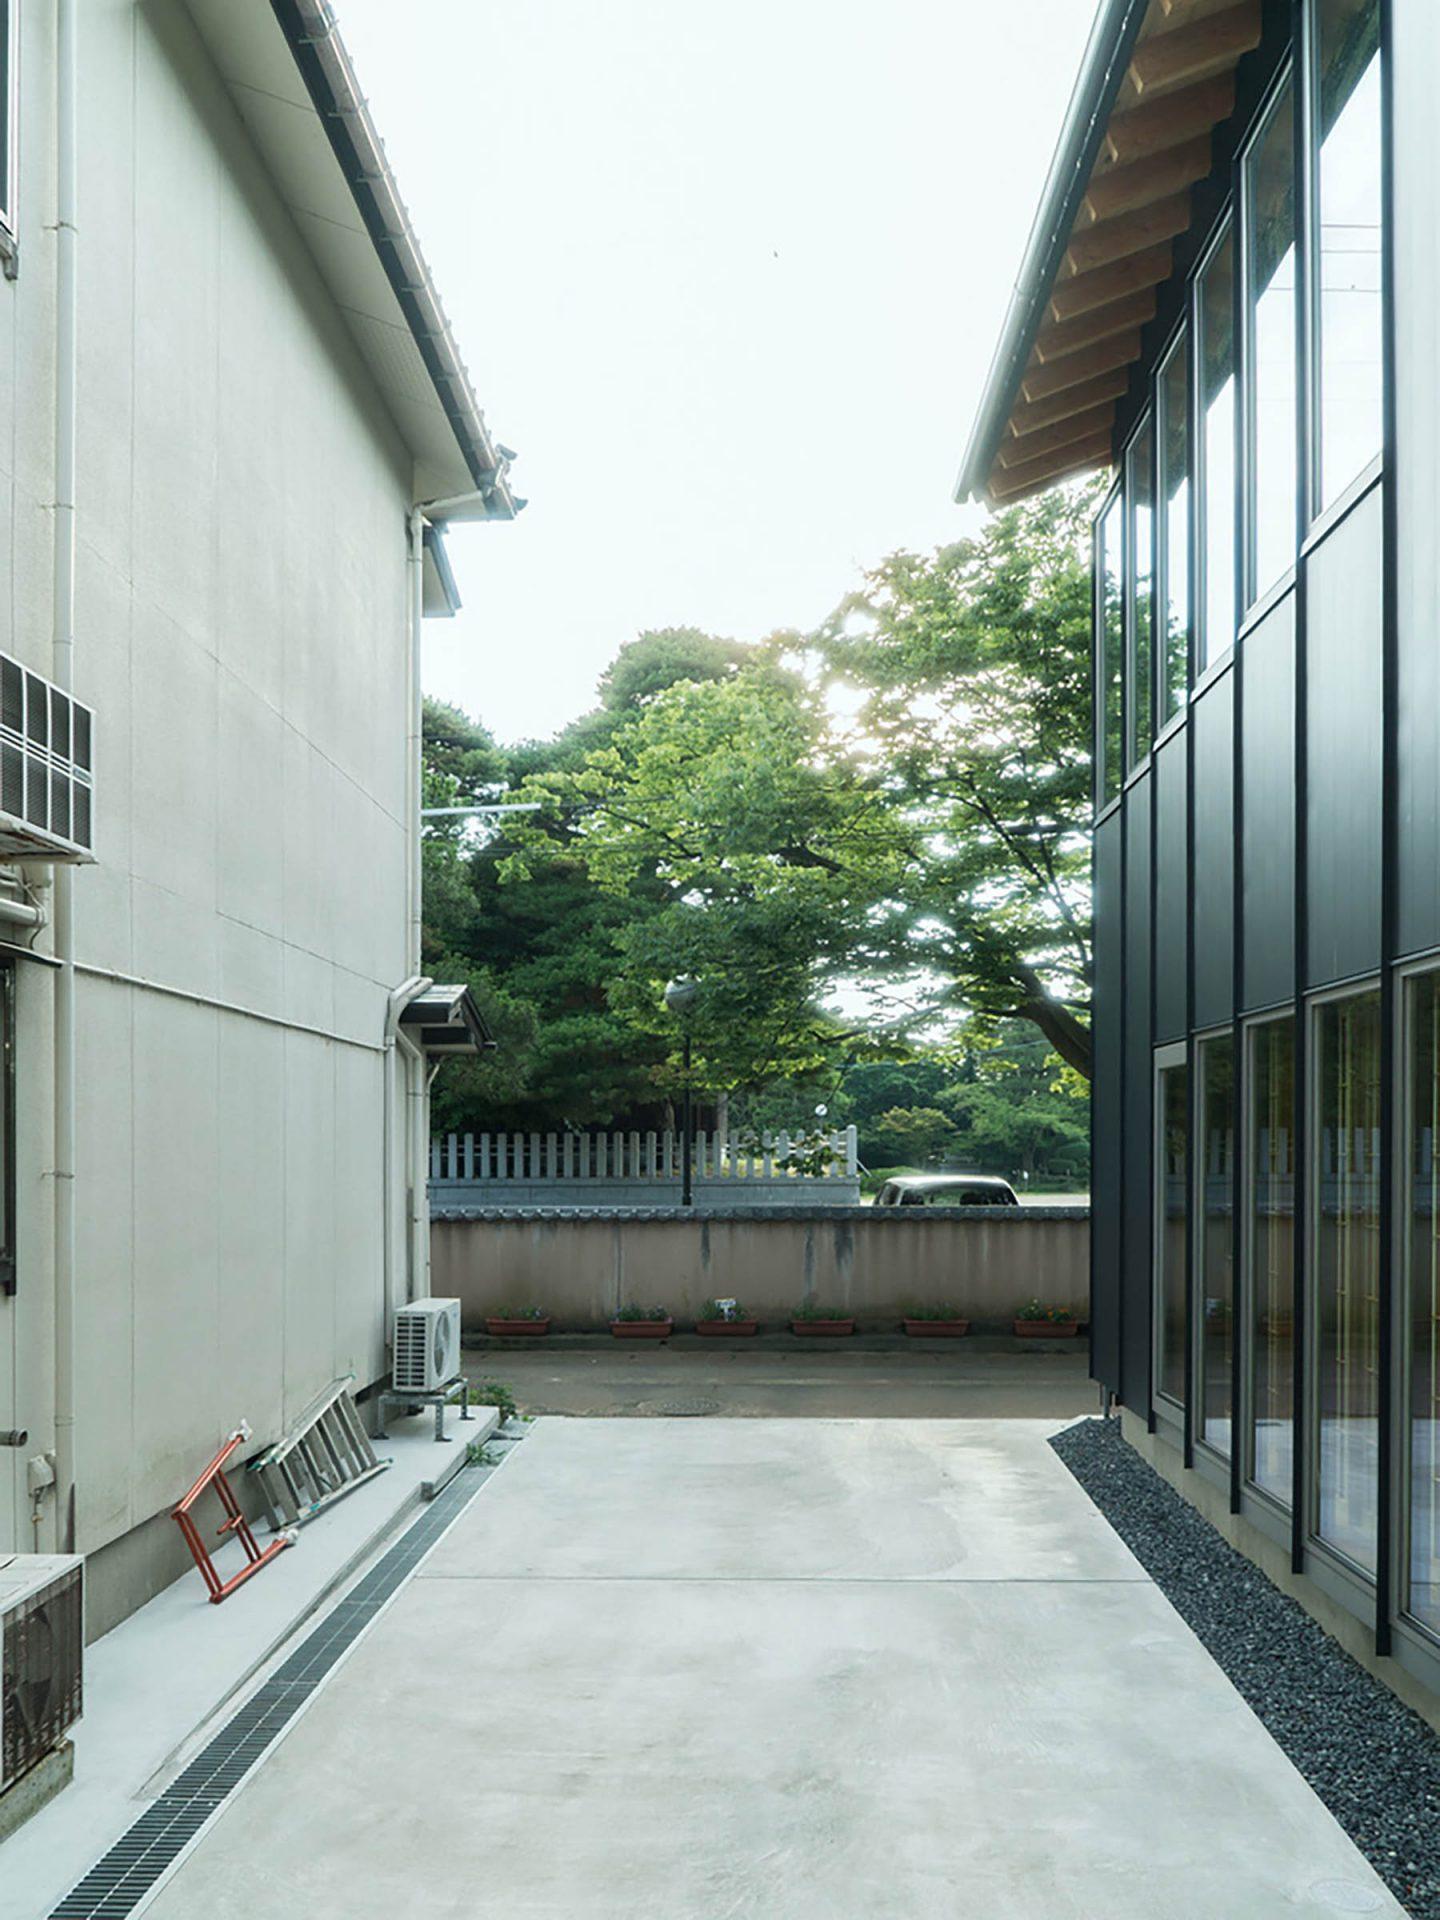 iGNANT-Architecture-Schenk-Hattori-Housing-Complex-007